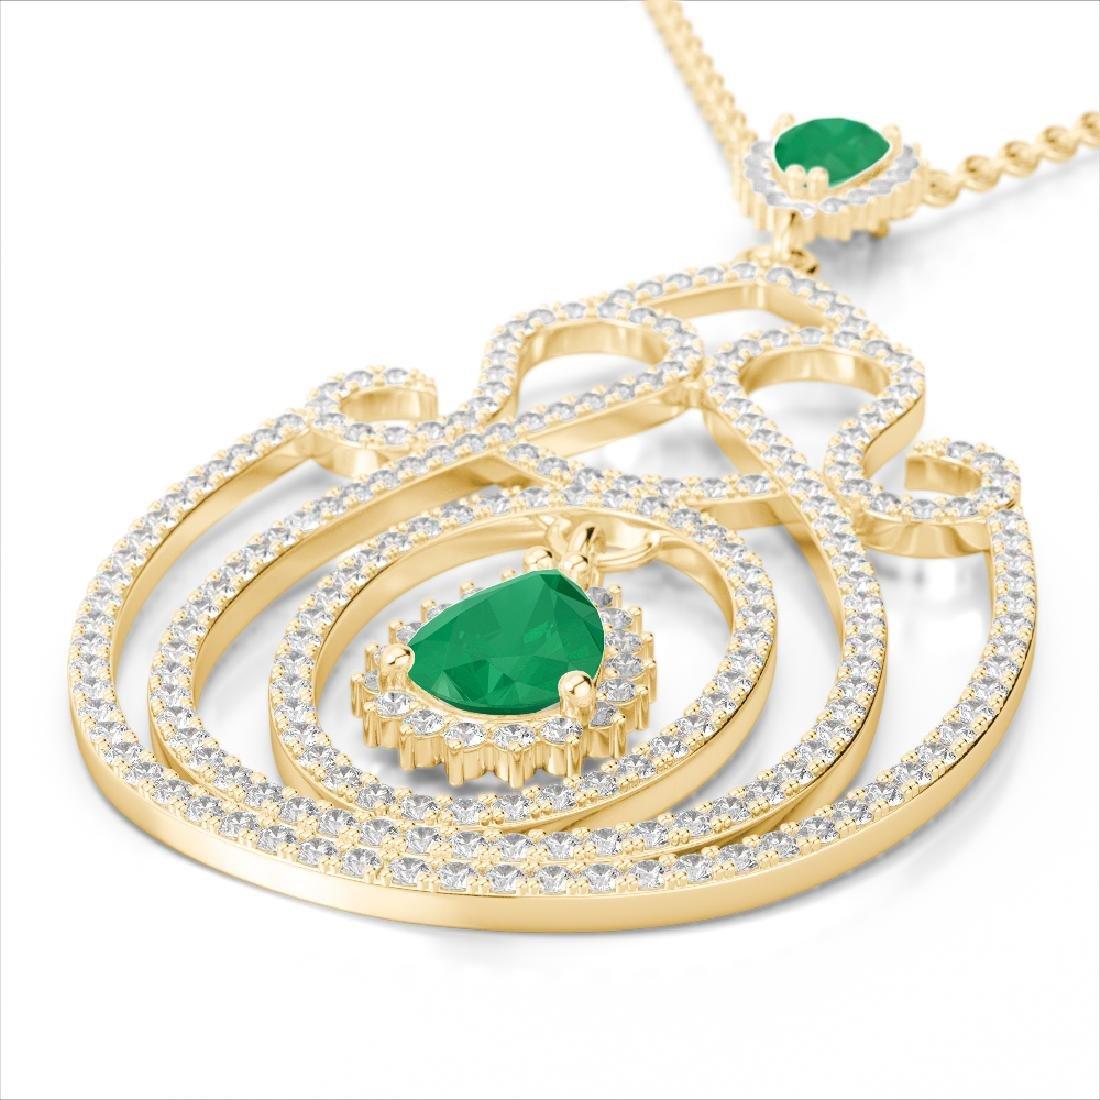 3.20 CTW Emerald & Micro Pave VS/SI Diamond Heart